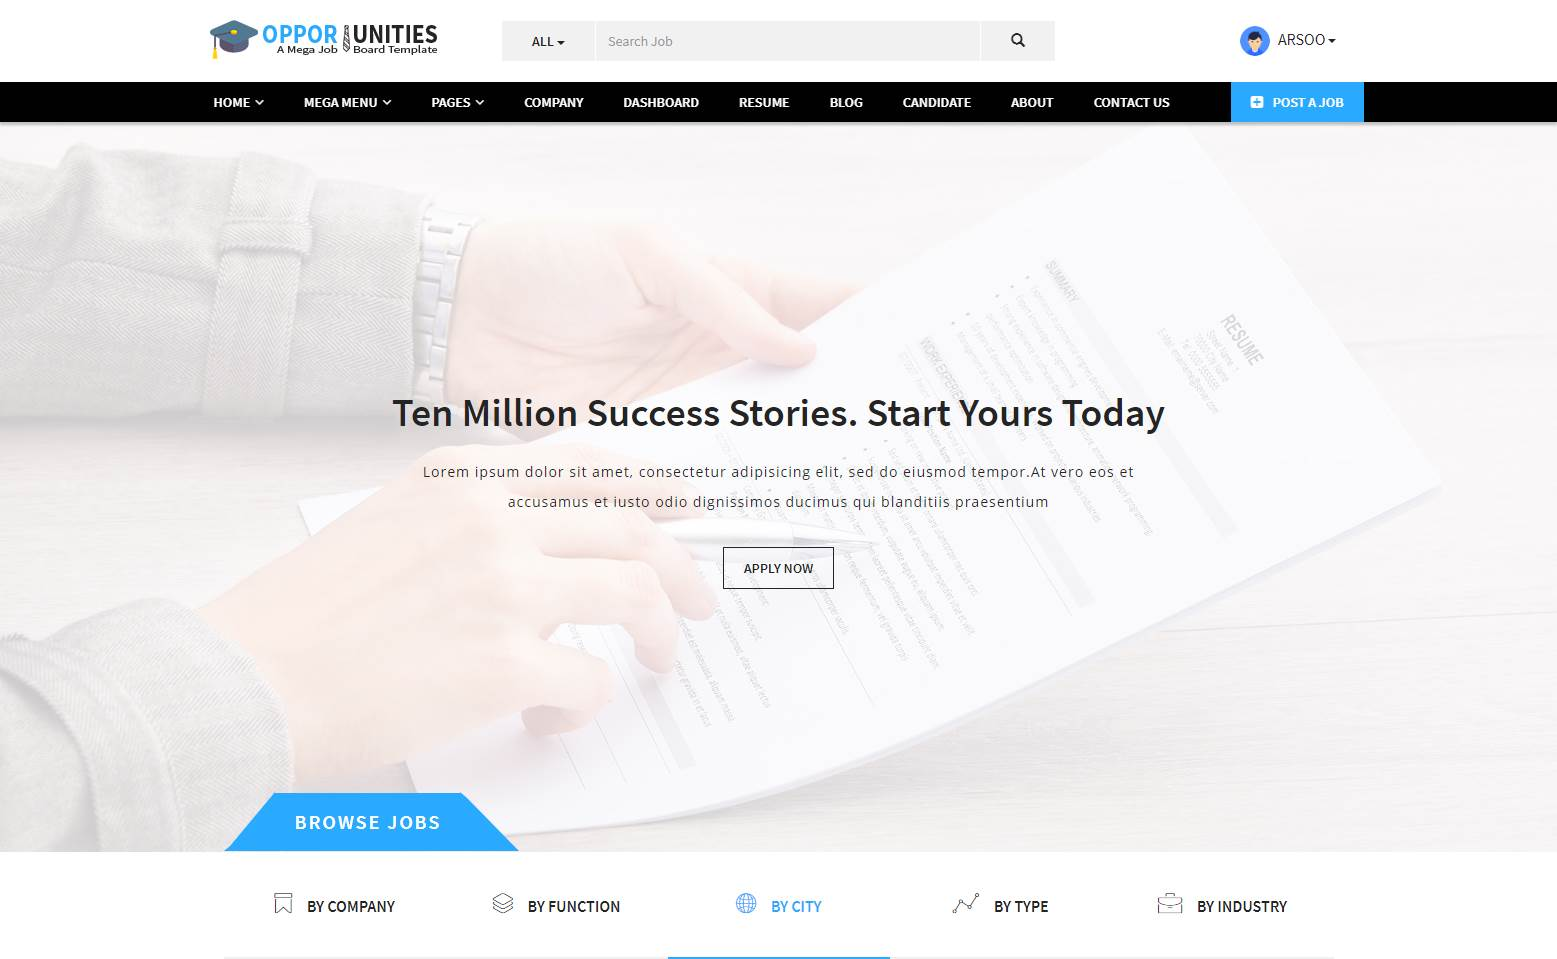 Opportunities Jobs Portal Template